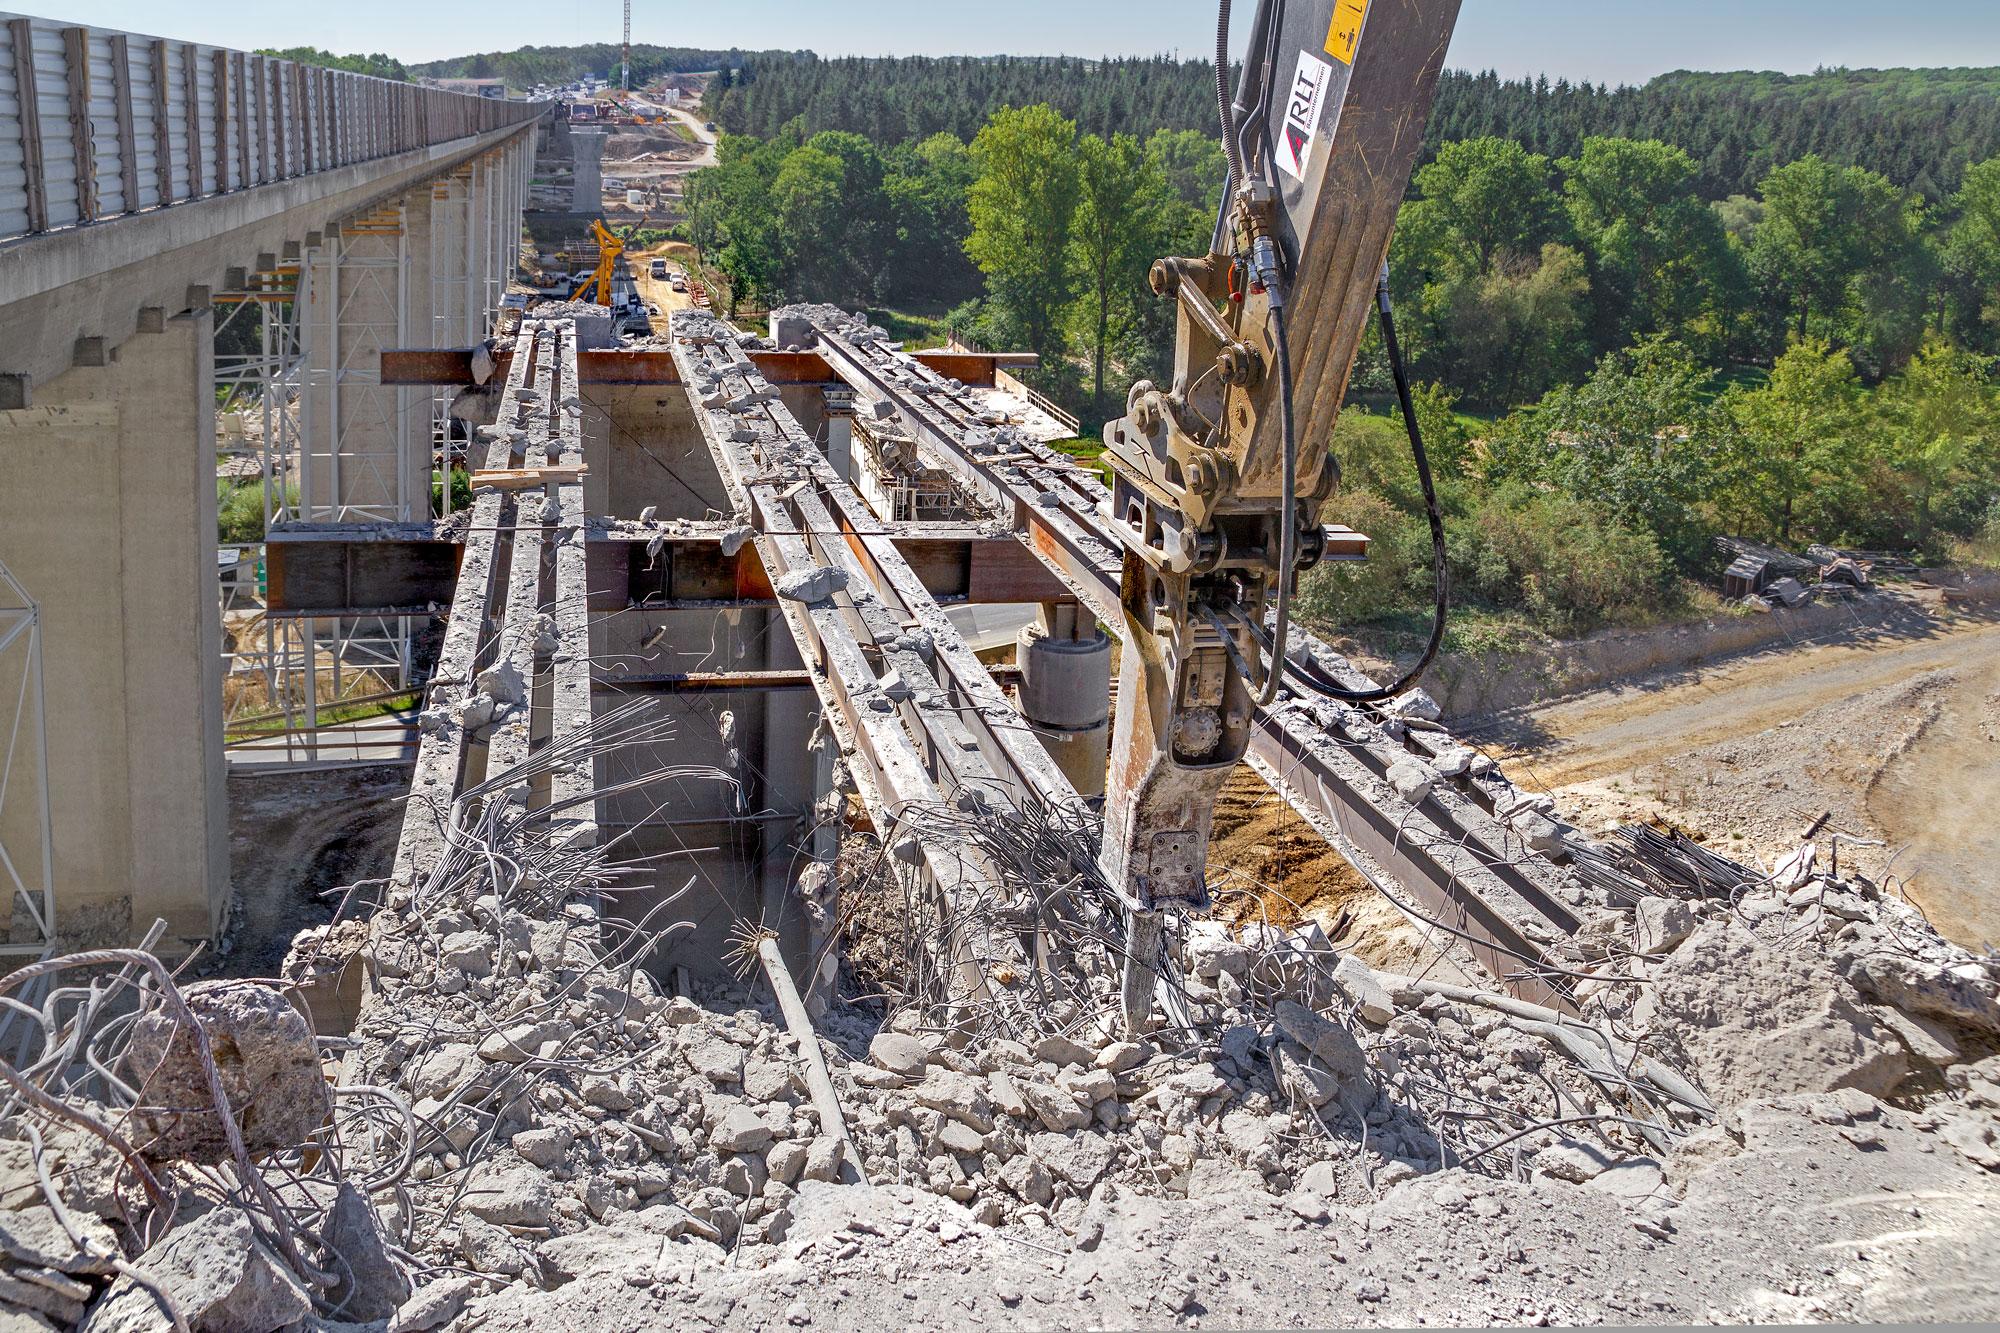 BAB A7 Talbrücke Werntal Abbruch